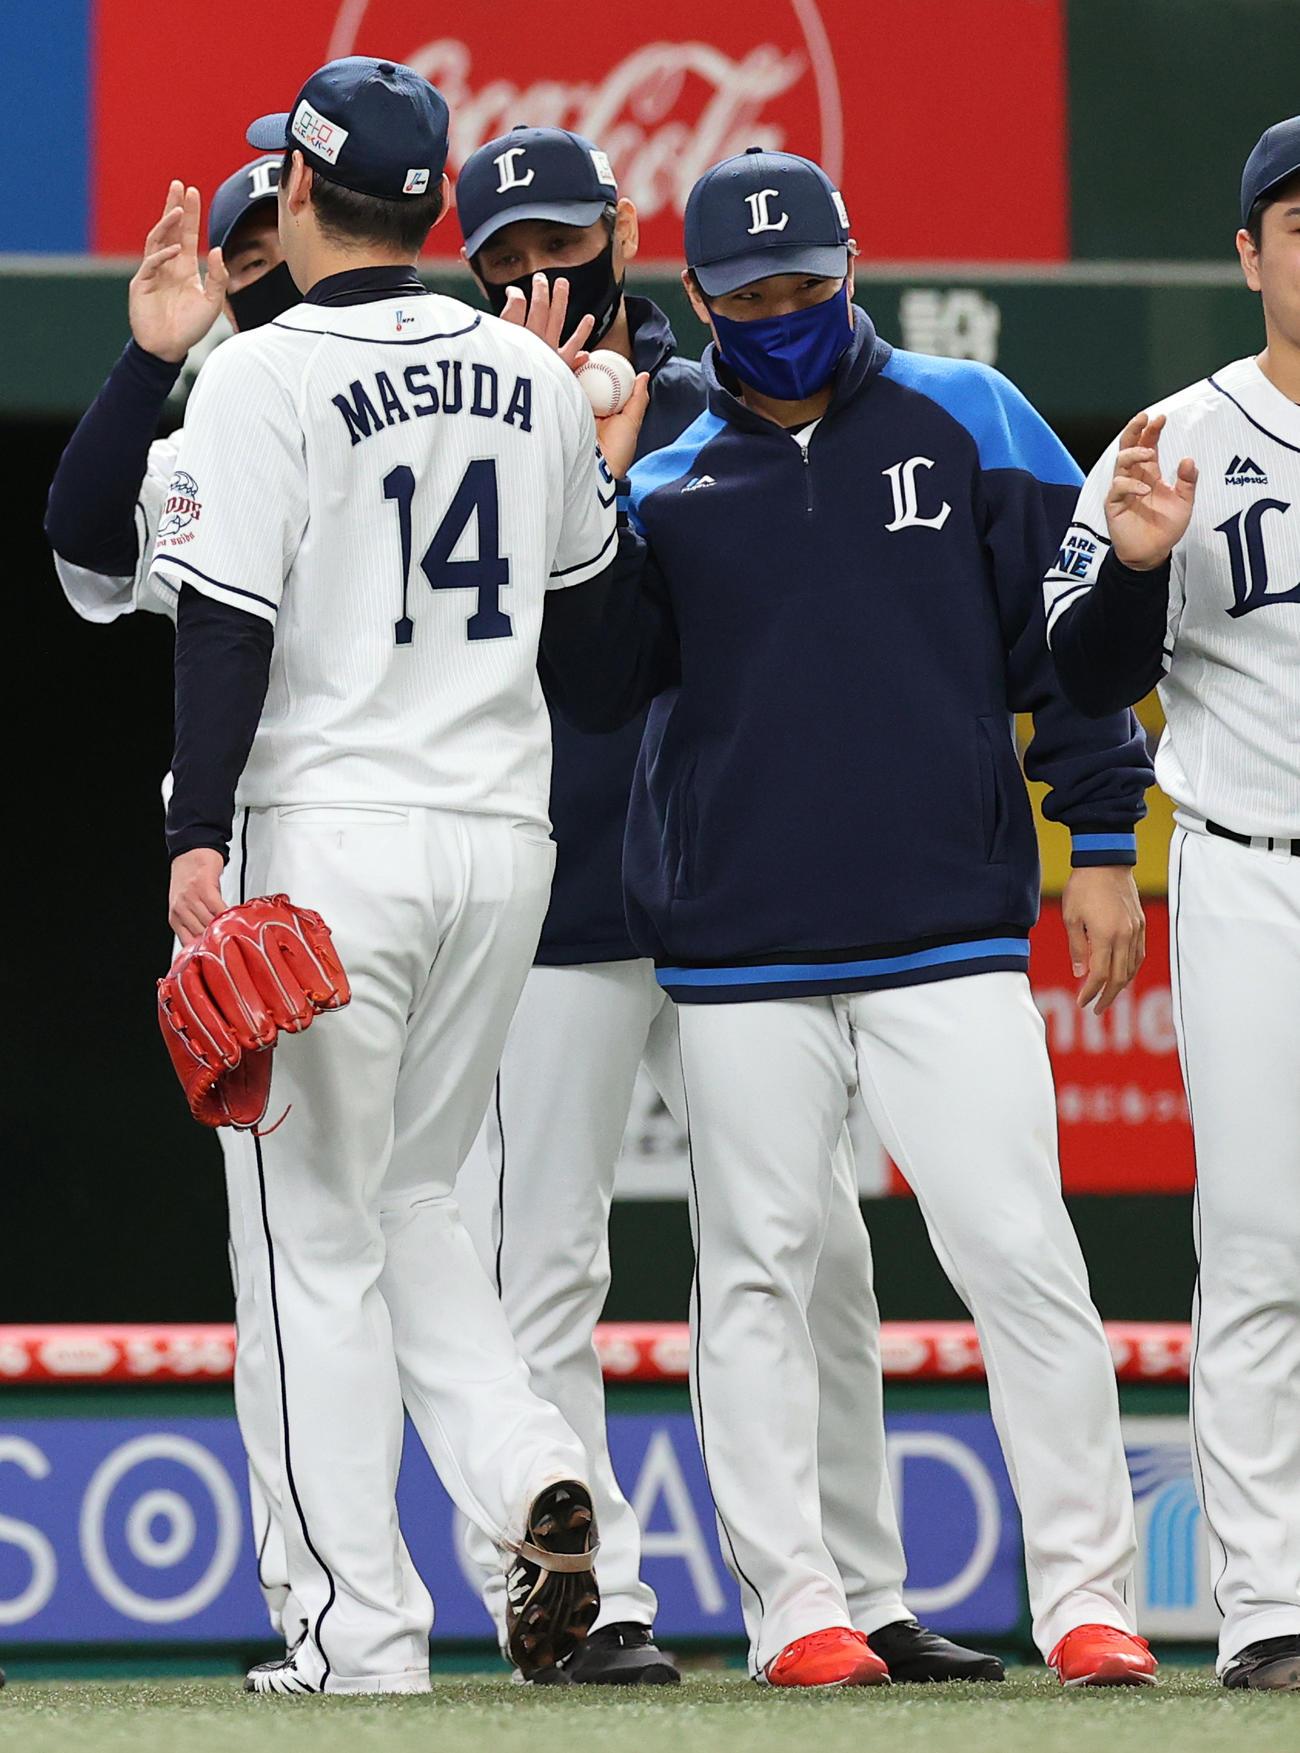 西武対オリックス 勝利投手の松本(右)は、増田(手前)からウイニングボールを受け取る(撮影・浅見桂子)